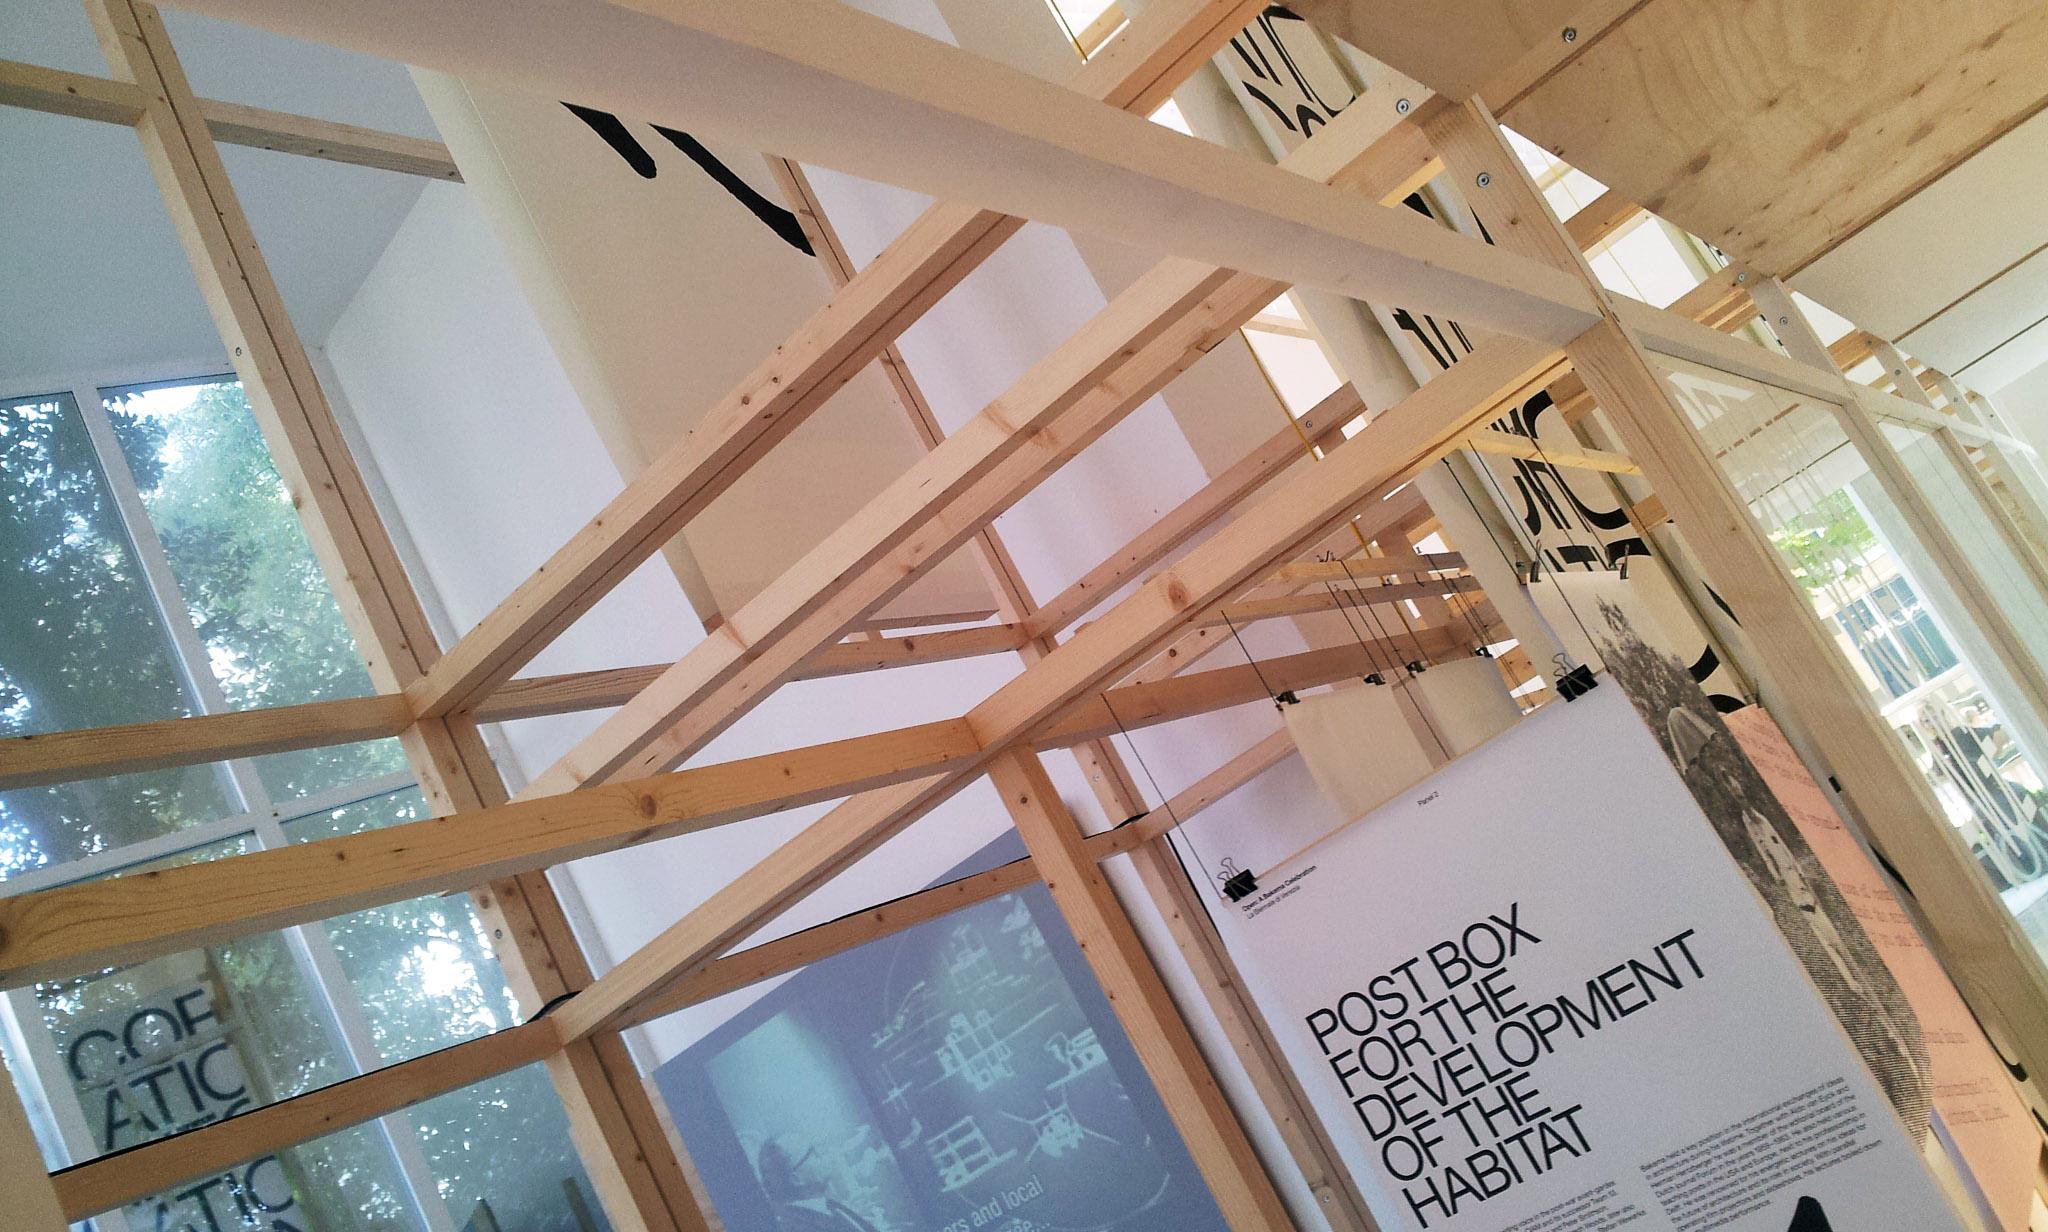 blog michele scarpellini architettura design e cinema 4d